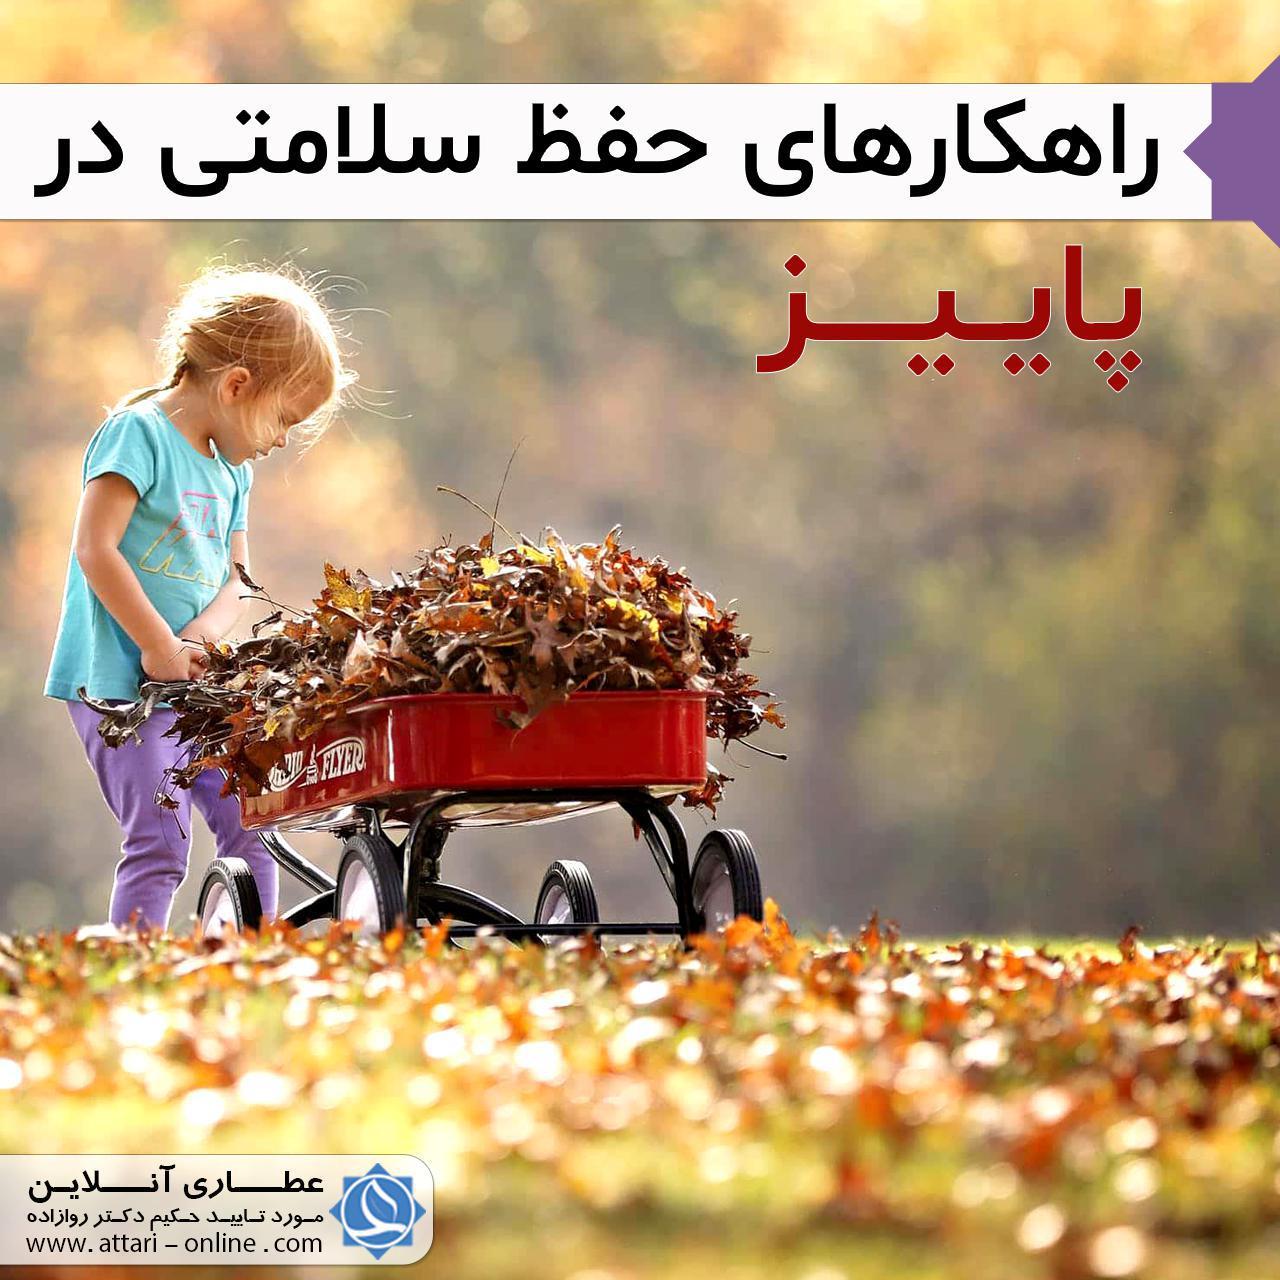 پ ک4 راهکارهای حفظ سلامتی در فصل پاییز